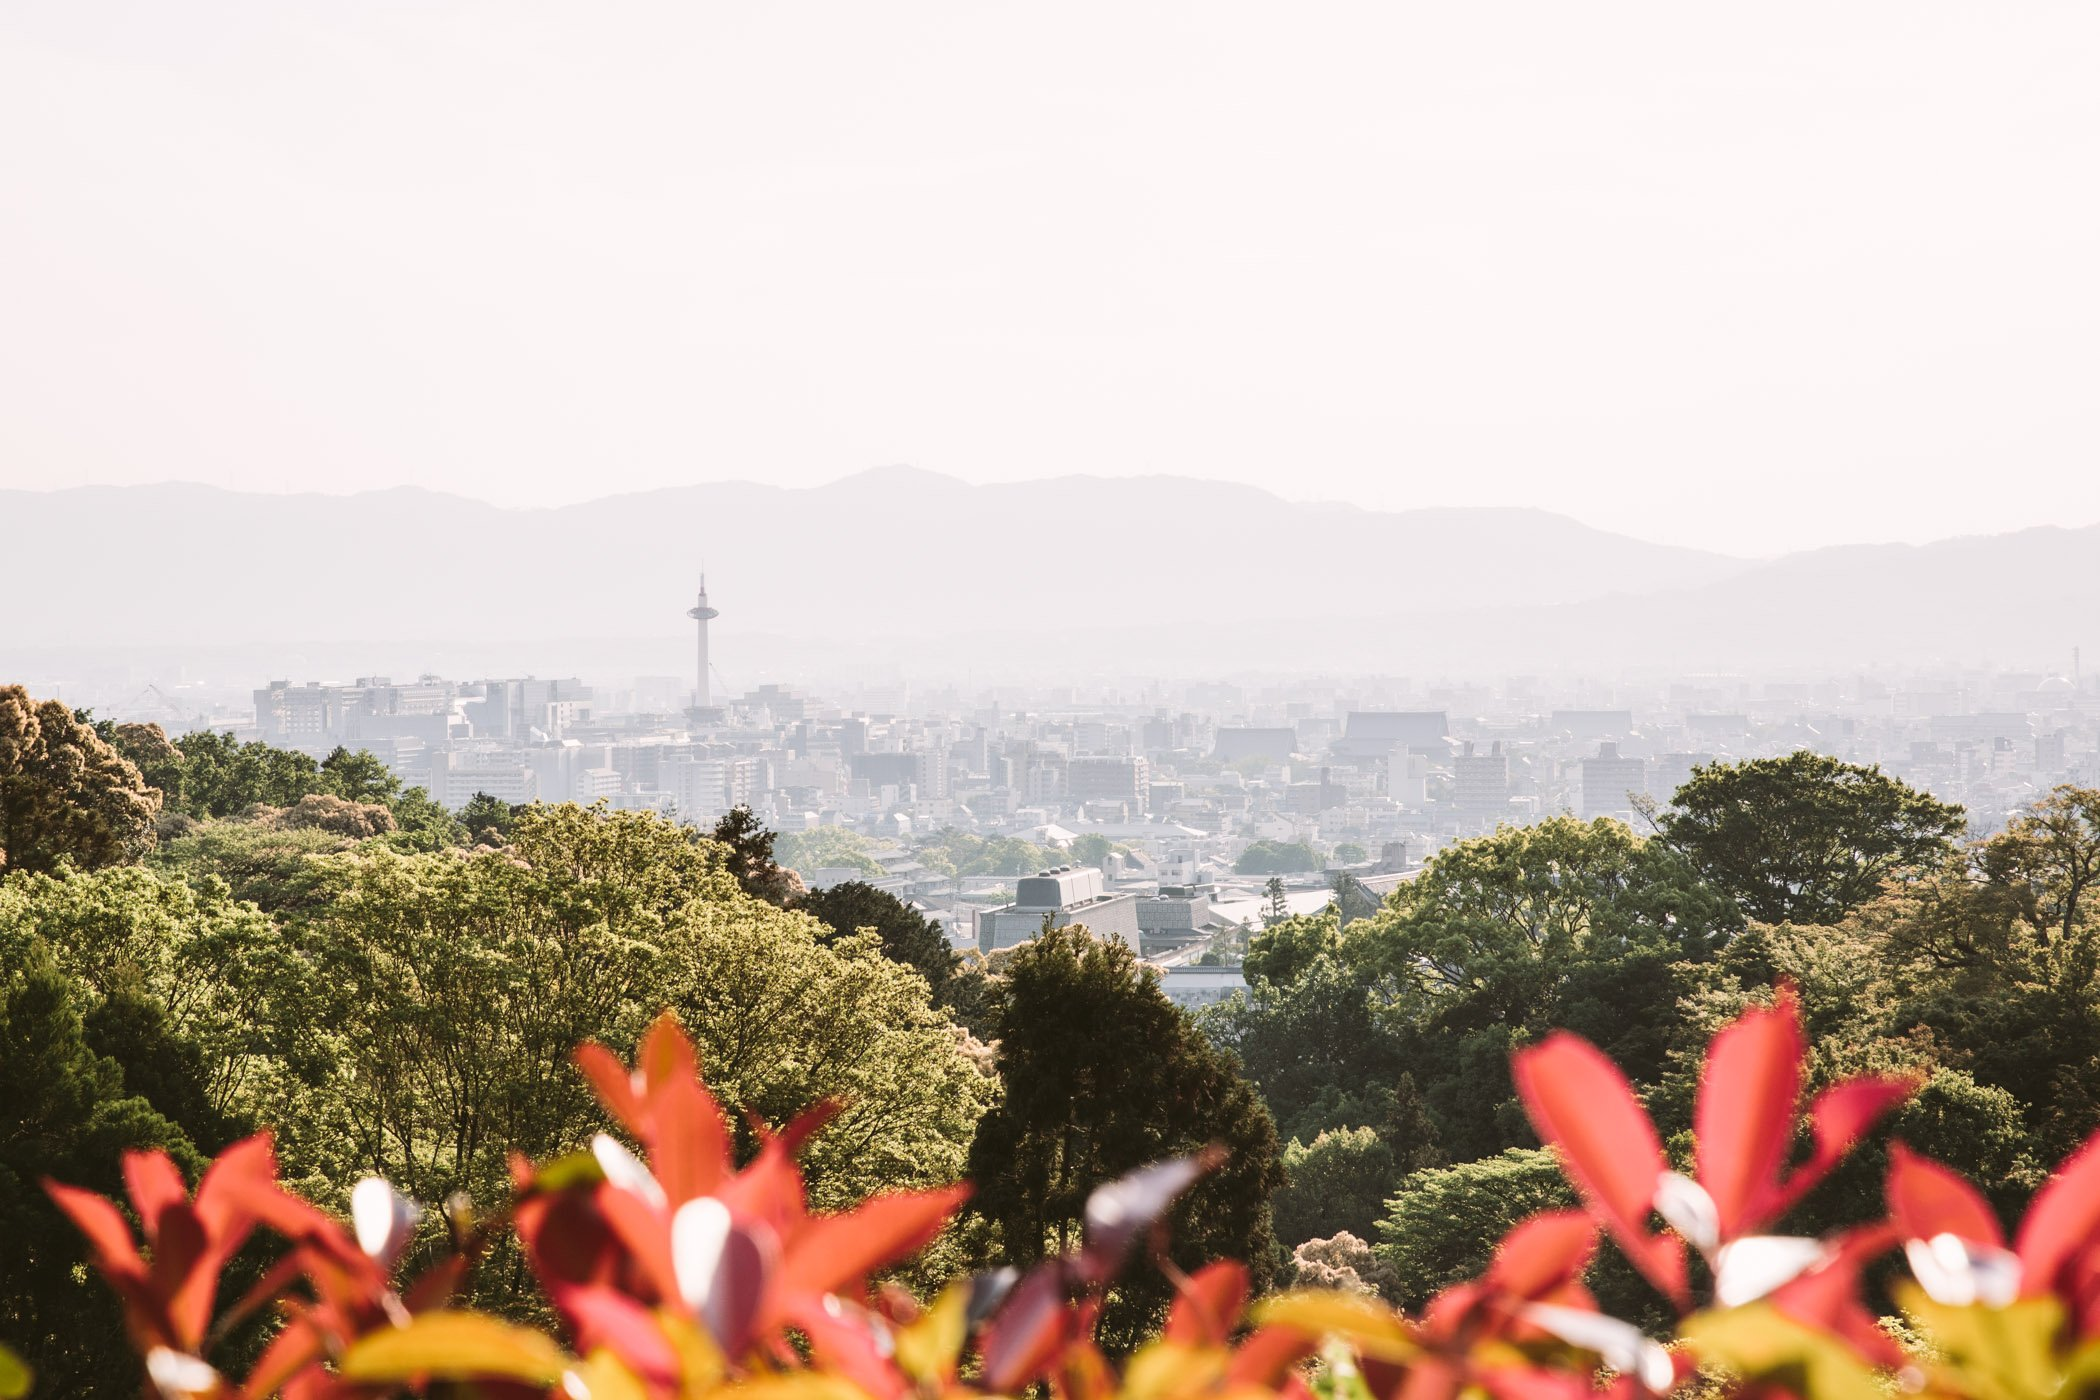 Kiyomizu-dera in Kyoto